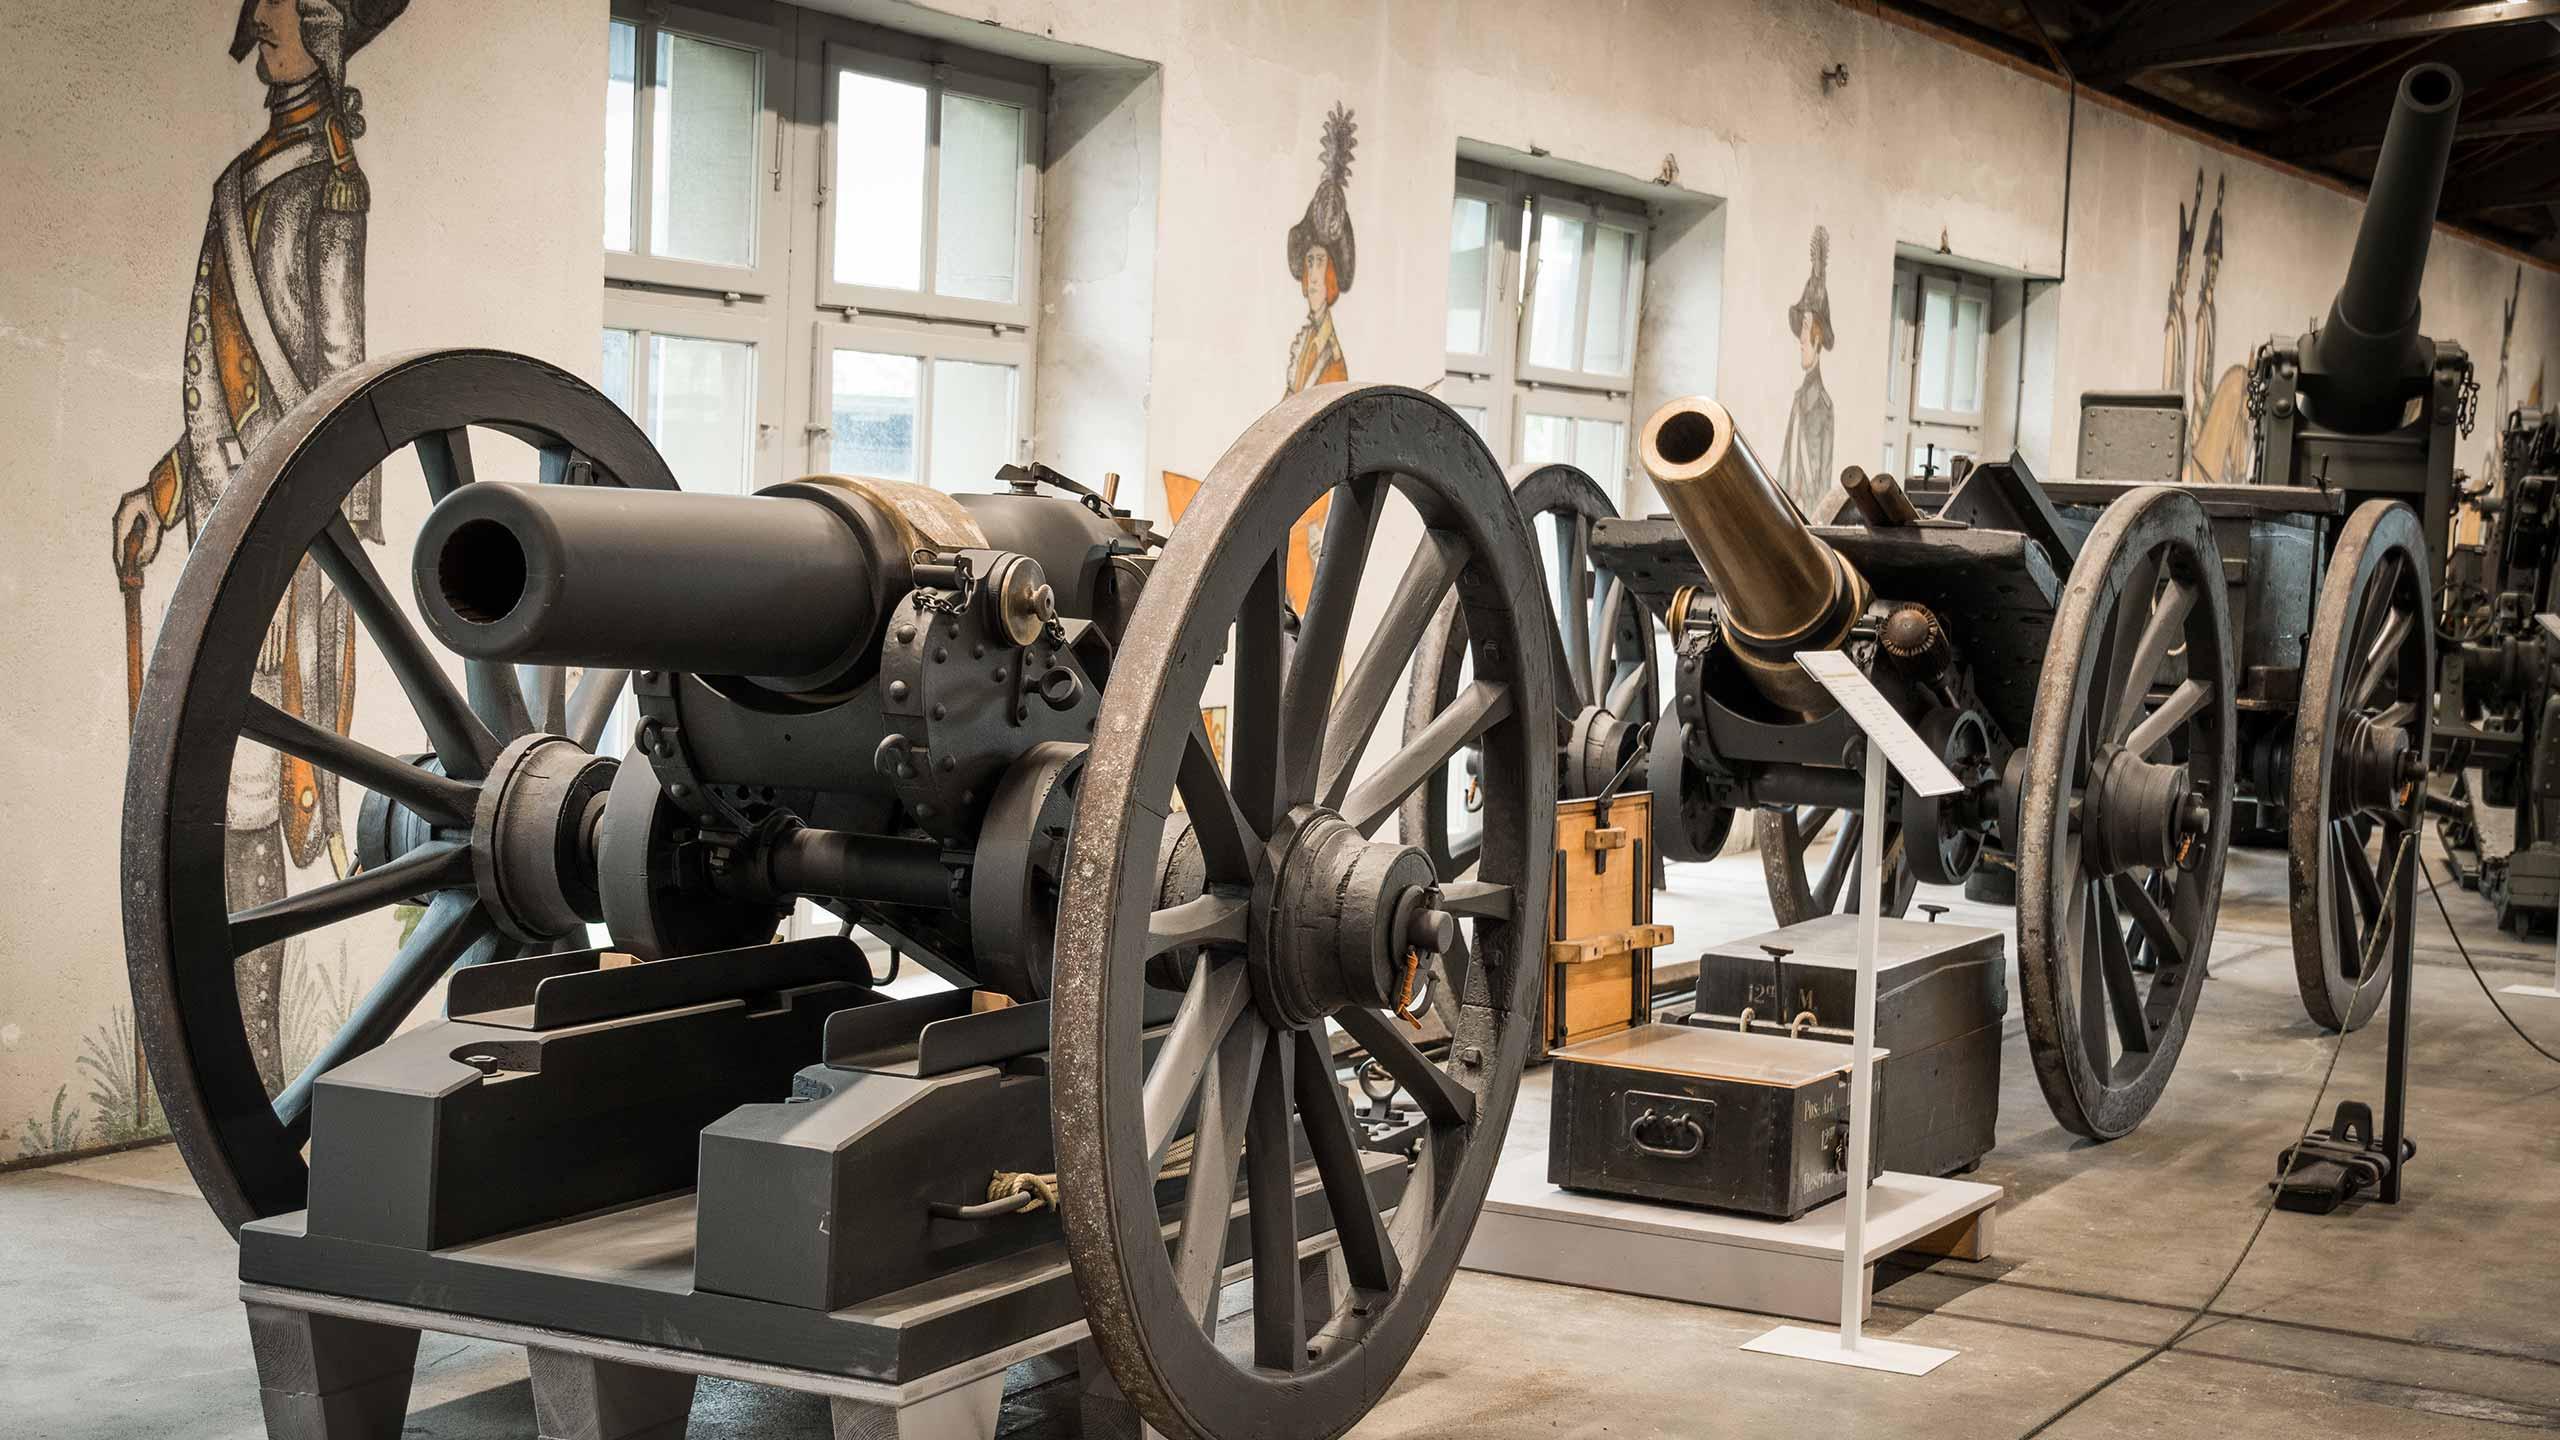 stiftung-ham-ausstellung-kanonen.jpg